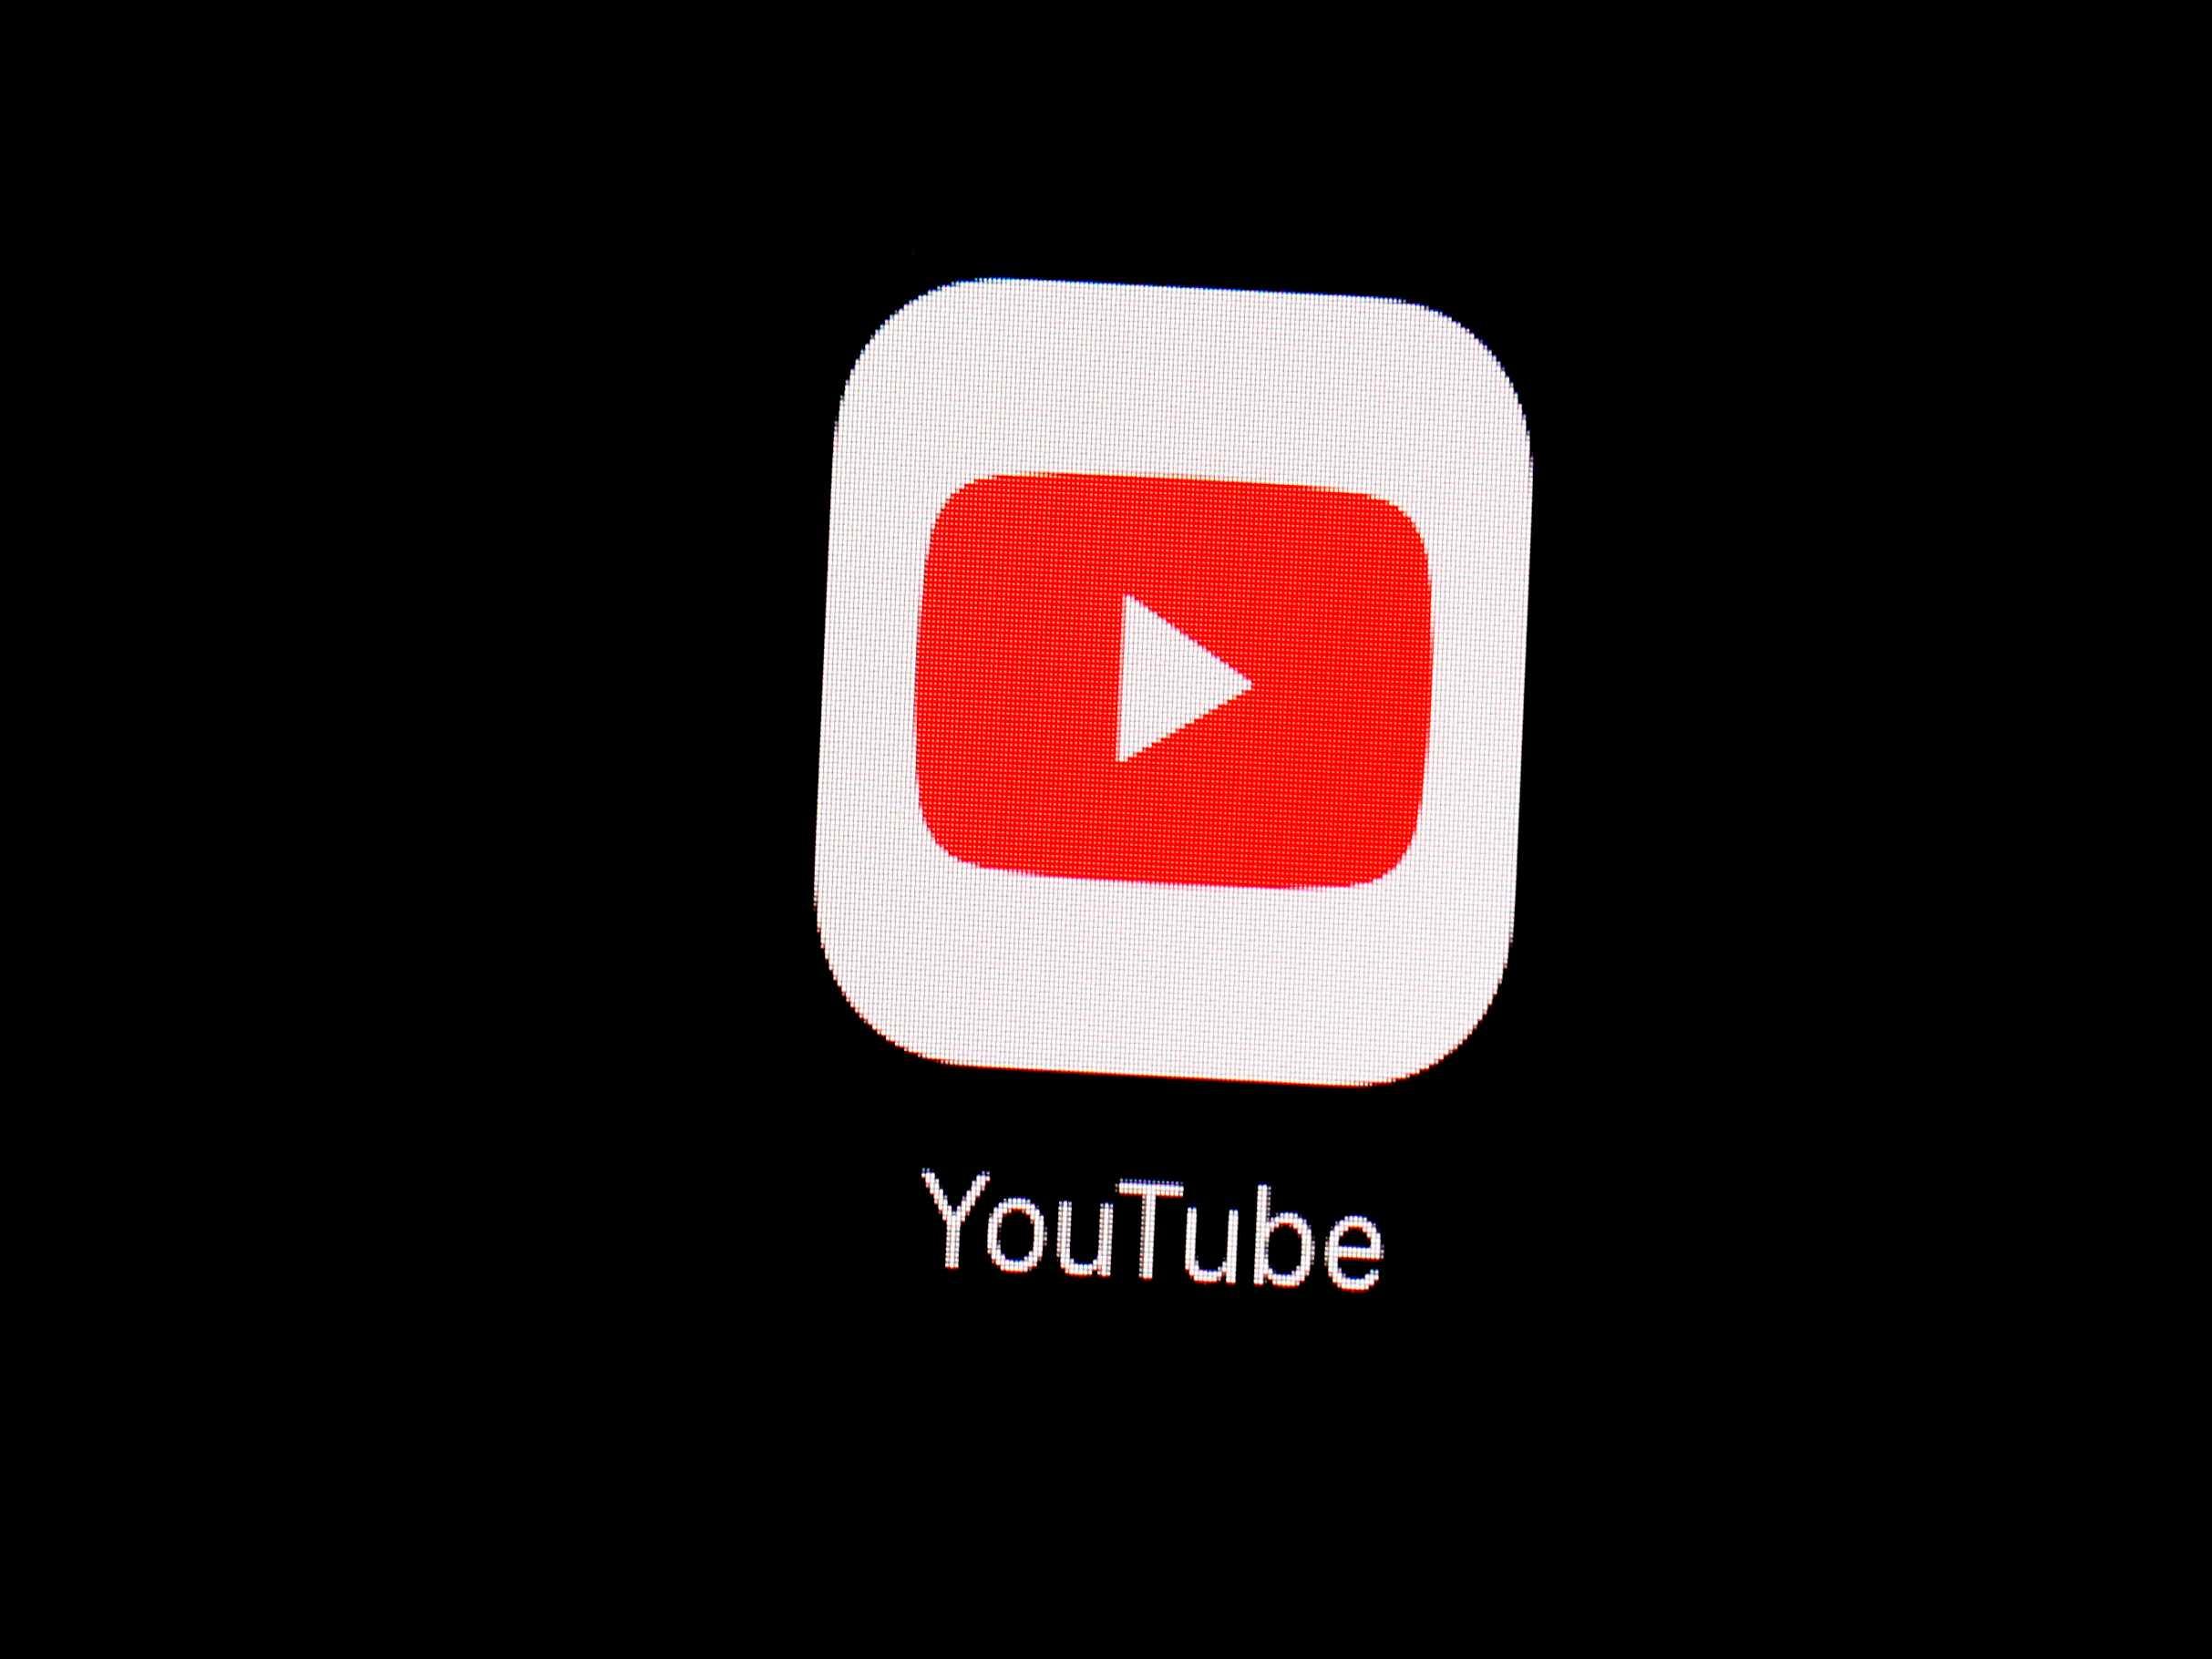 Survey: YouTube Tops Teen Social Media, as Facebook Fades